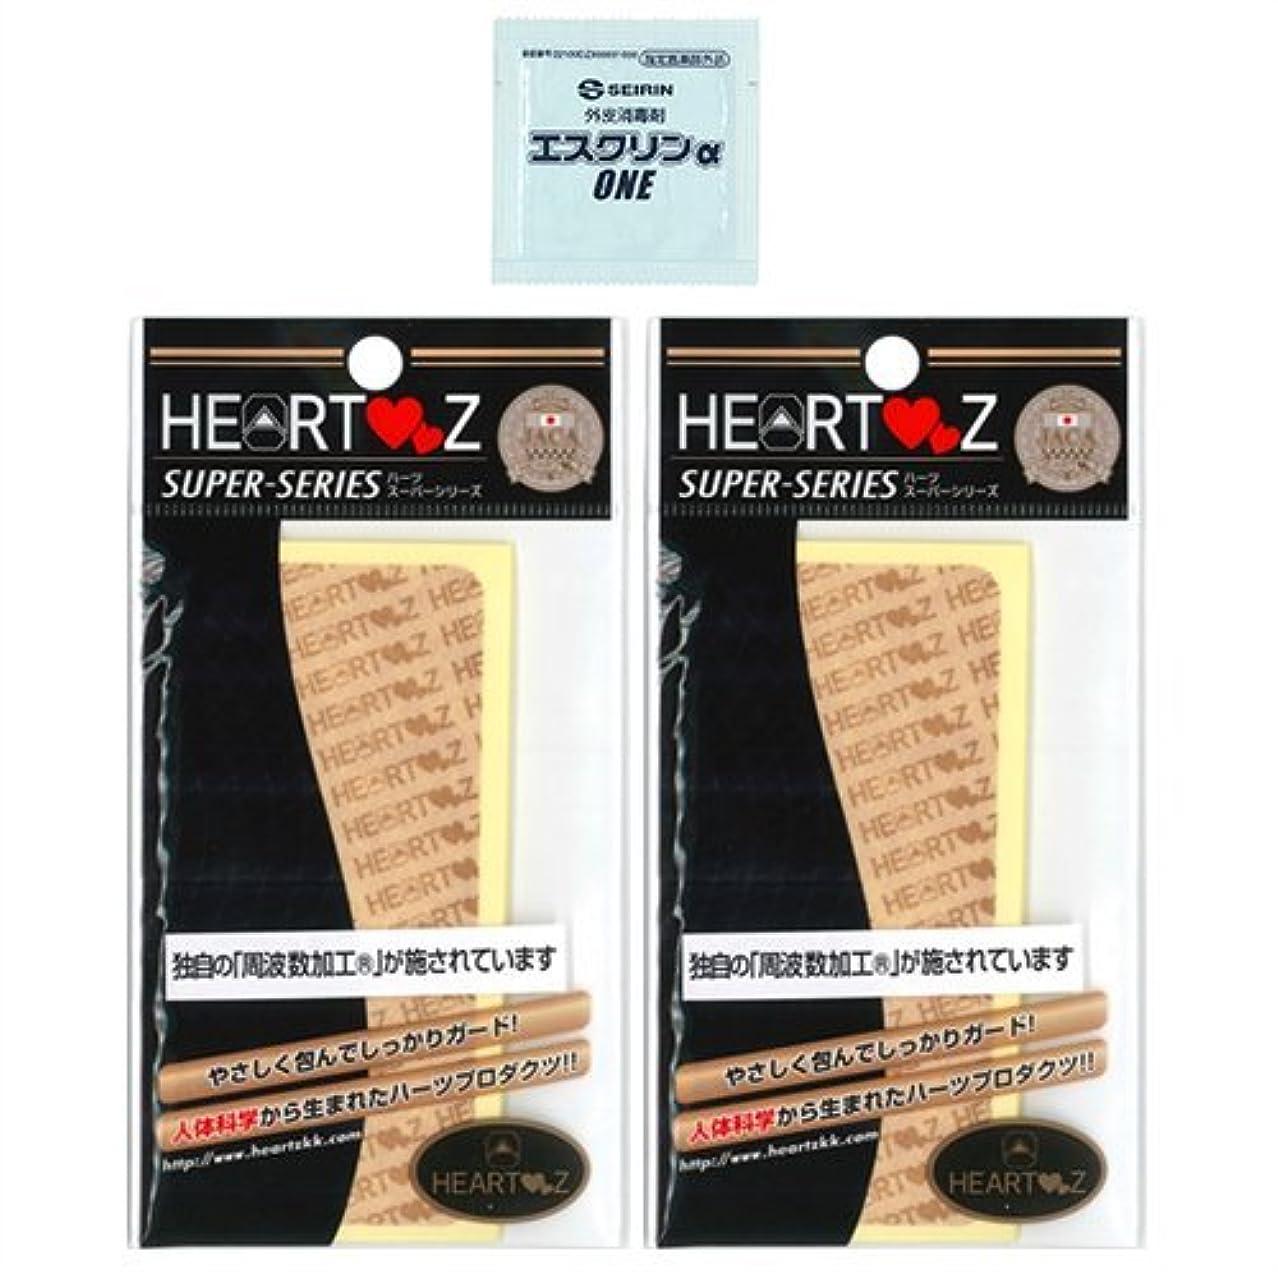 参照リー受け入れる【HEARTZ(ハーツ)】ハーツスーパーシール ベタ貼りタイプ 8枚入×2個セット (計16枚) + エスクリンαONEx1個 セット